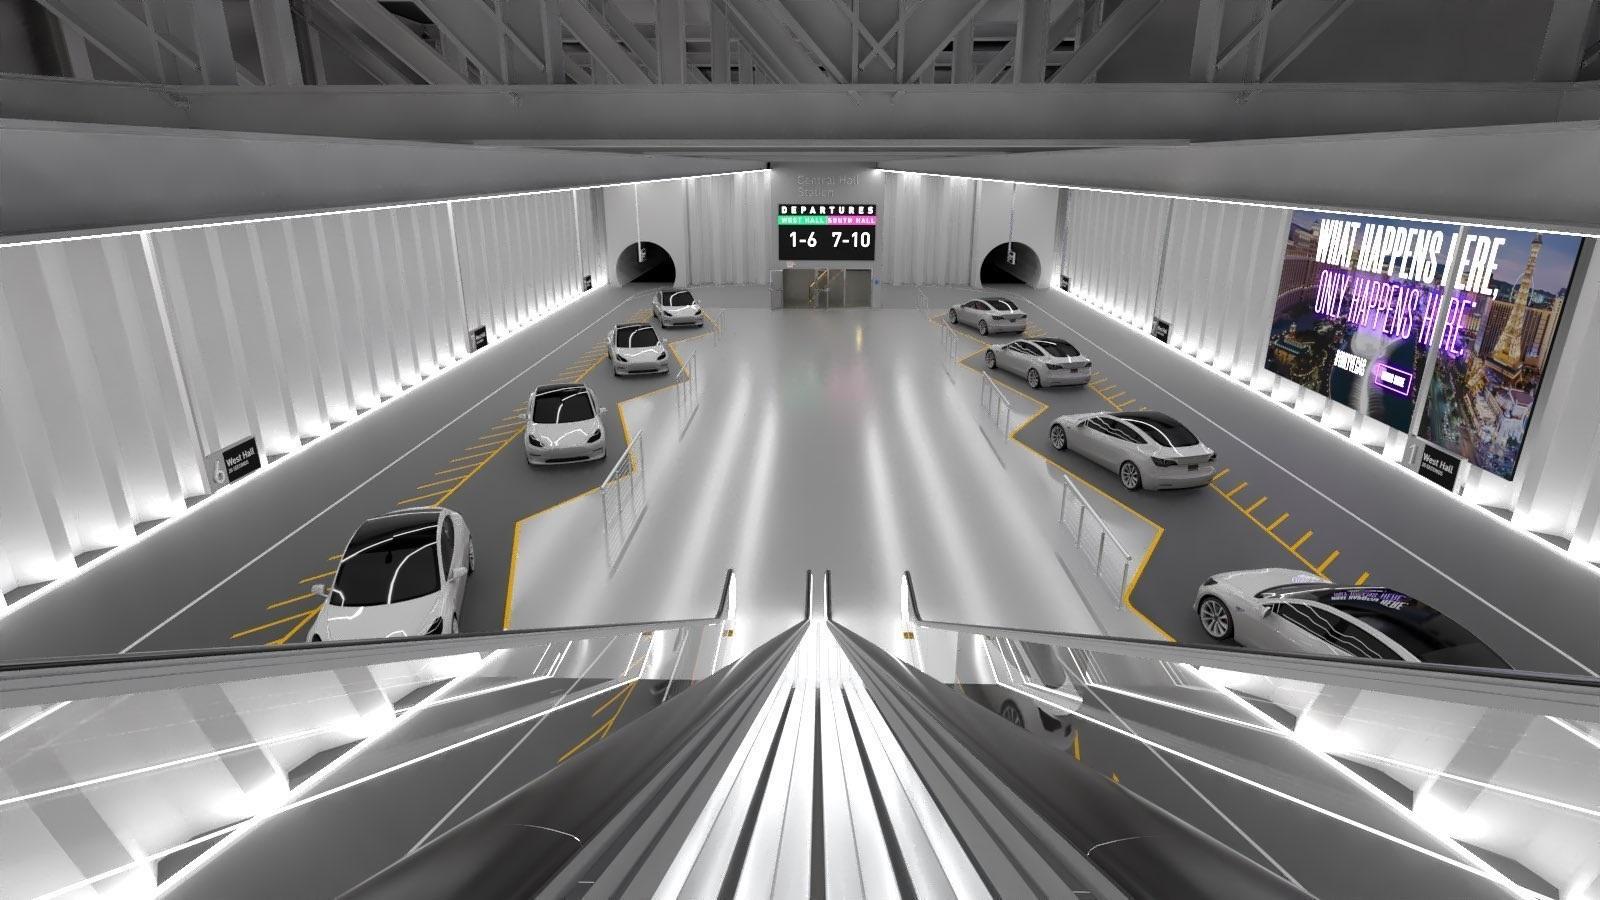 Elon Musk, Boring Company'nin Tünelinin Görselini Paylaştı